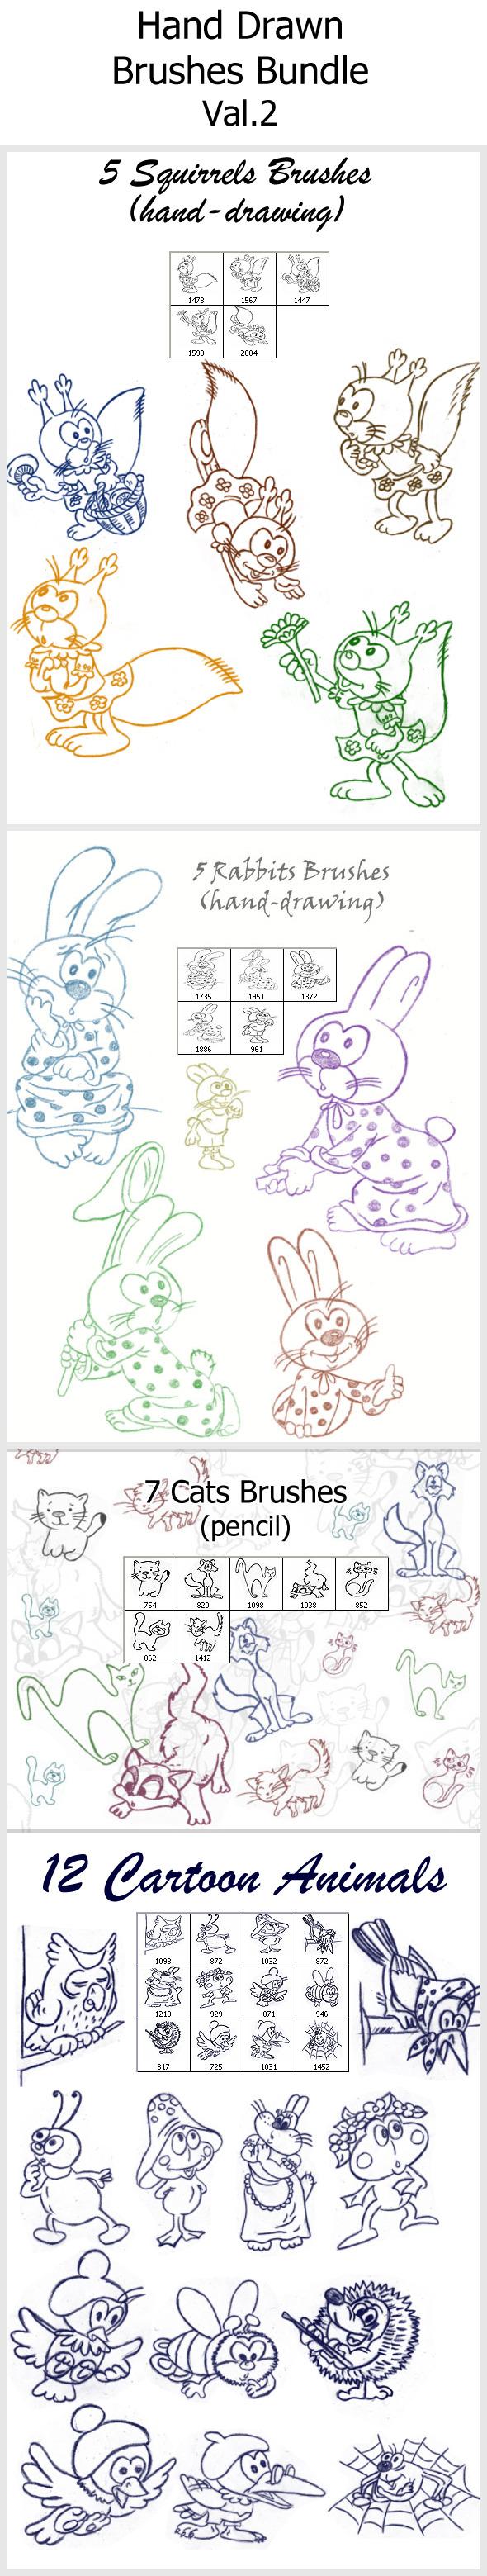 Hand Drawn Brushes Bundle Val.2 - Brushes Photoshop